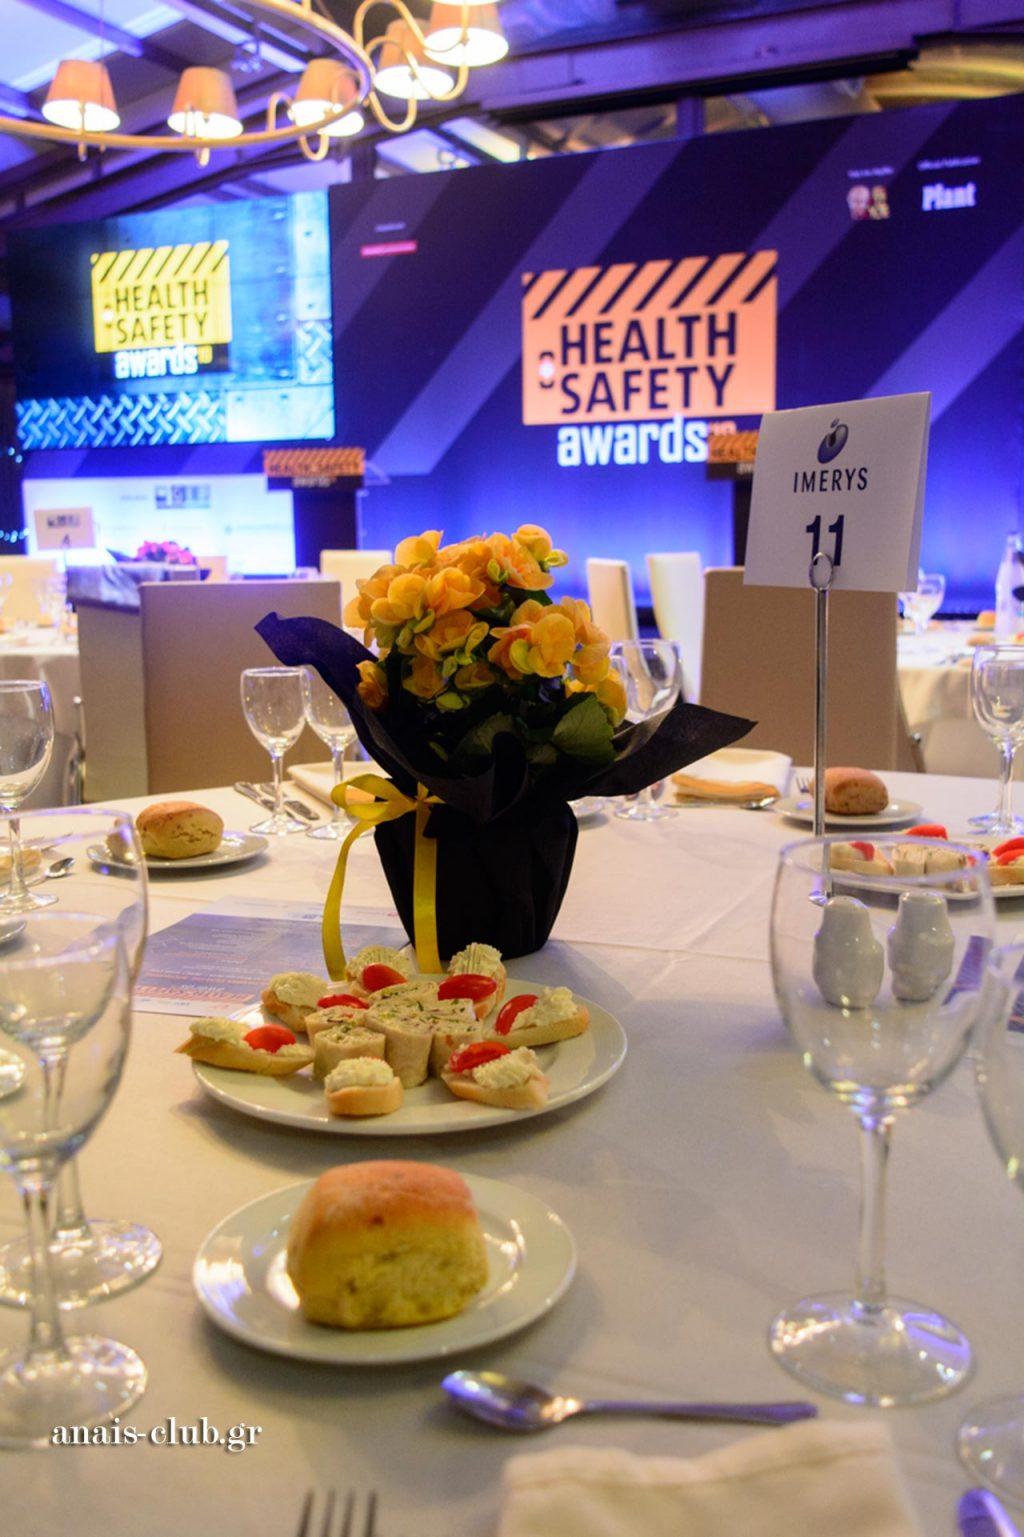 Κεντρικός στολισμός τραπεζιών και ορεκτικά στην Απονομή βραβείων health safety awards στο Anais Club